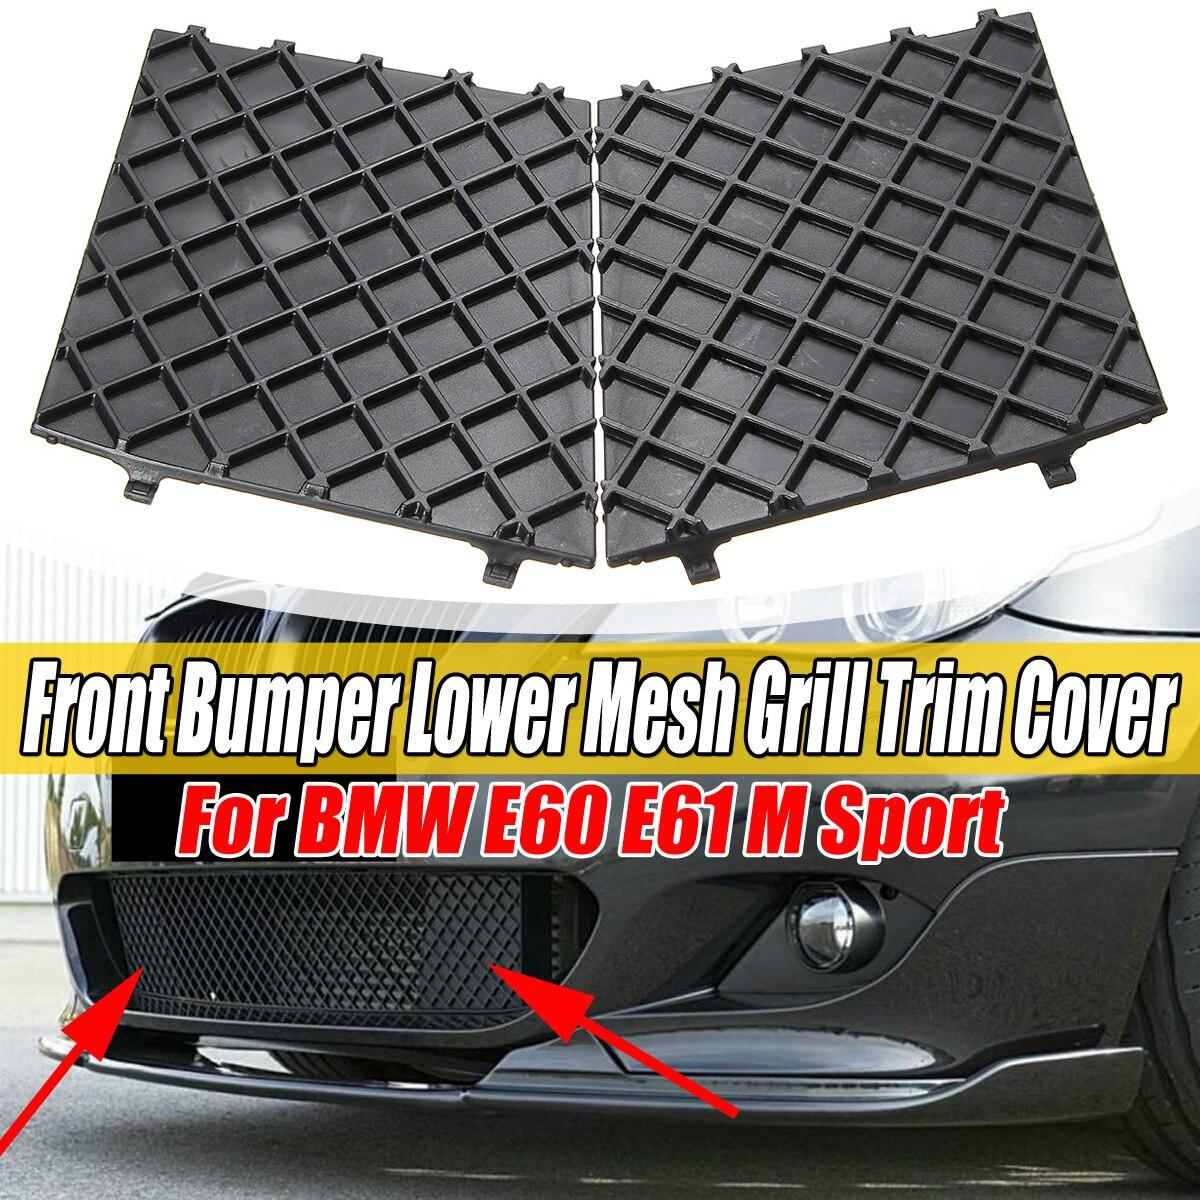 Черный левый + правый передний бампер автомобиля Нижняя сетка решетка дверная Накладка для BMW E60 E61 M 51117897186 51117897184 бампер чехол